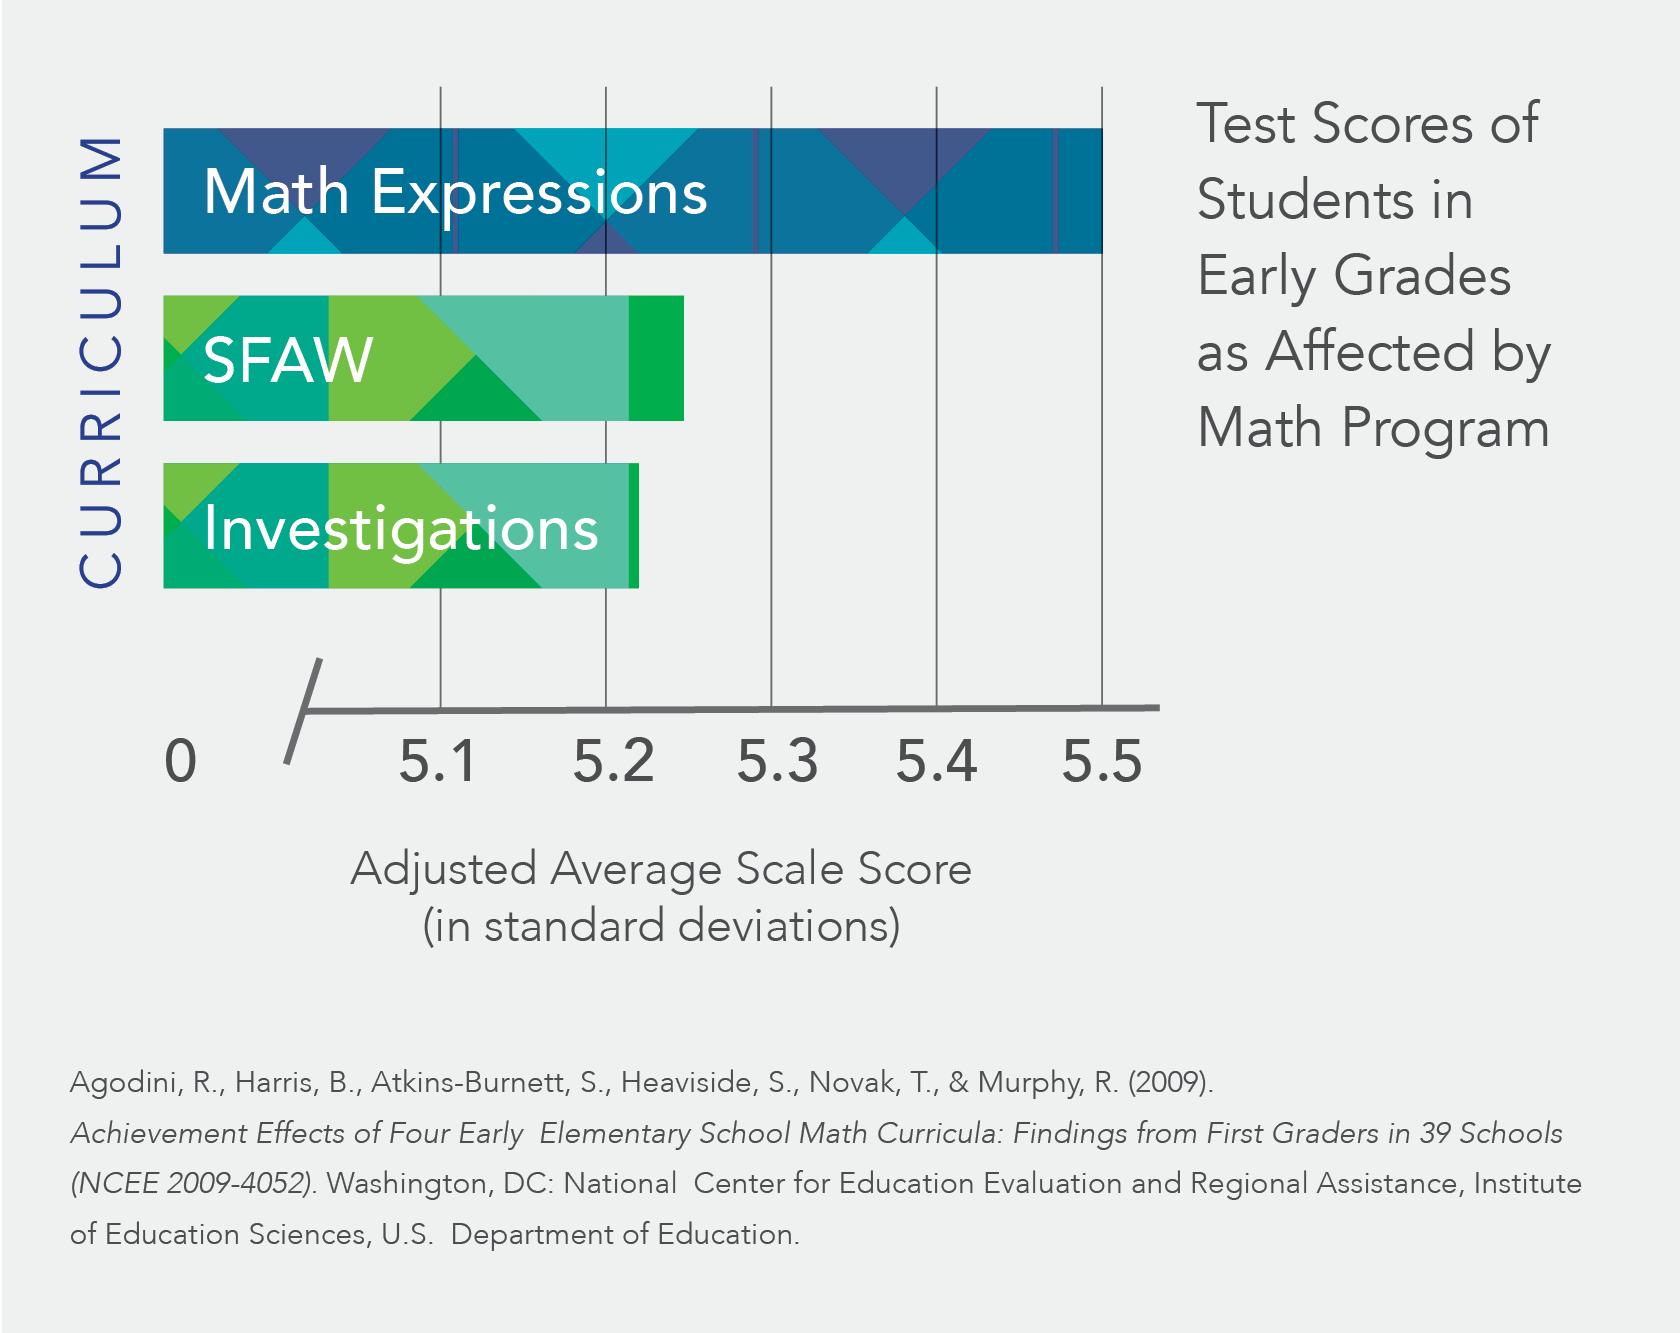 math expressions math curricula for grades k 6 rh hmhco v1 prod webpr hmhco com